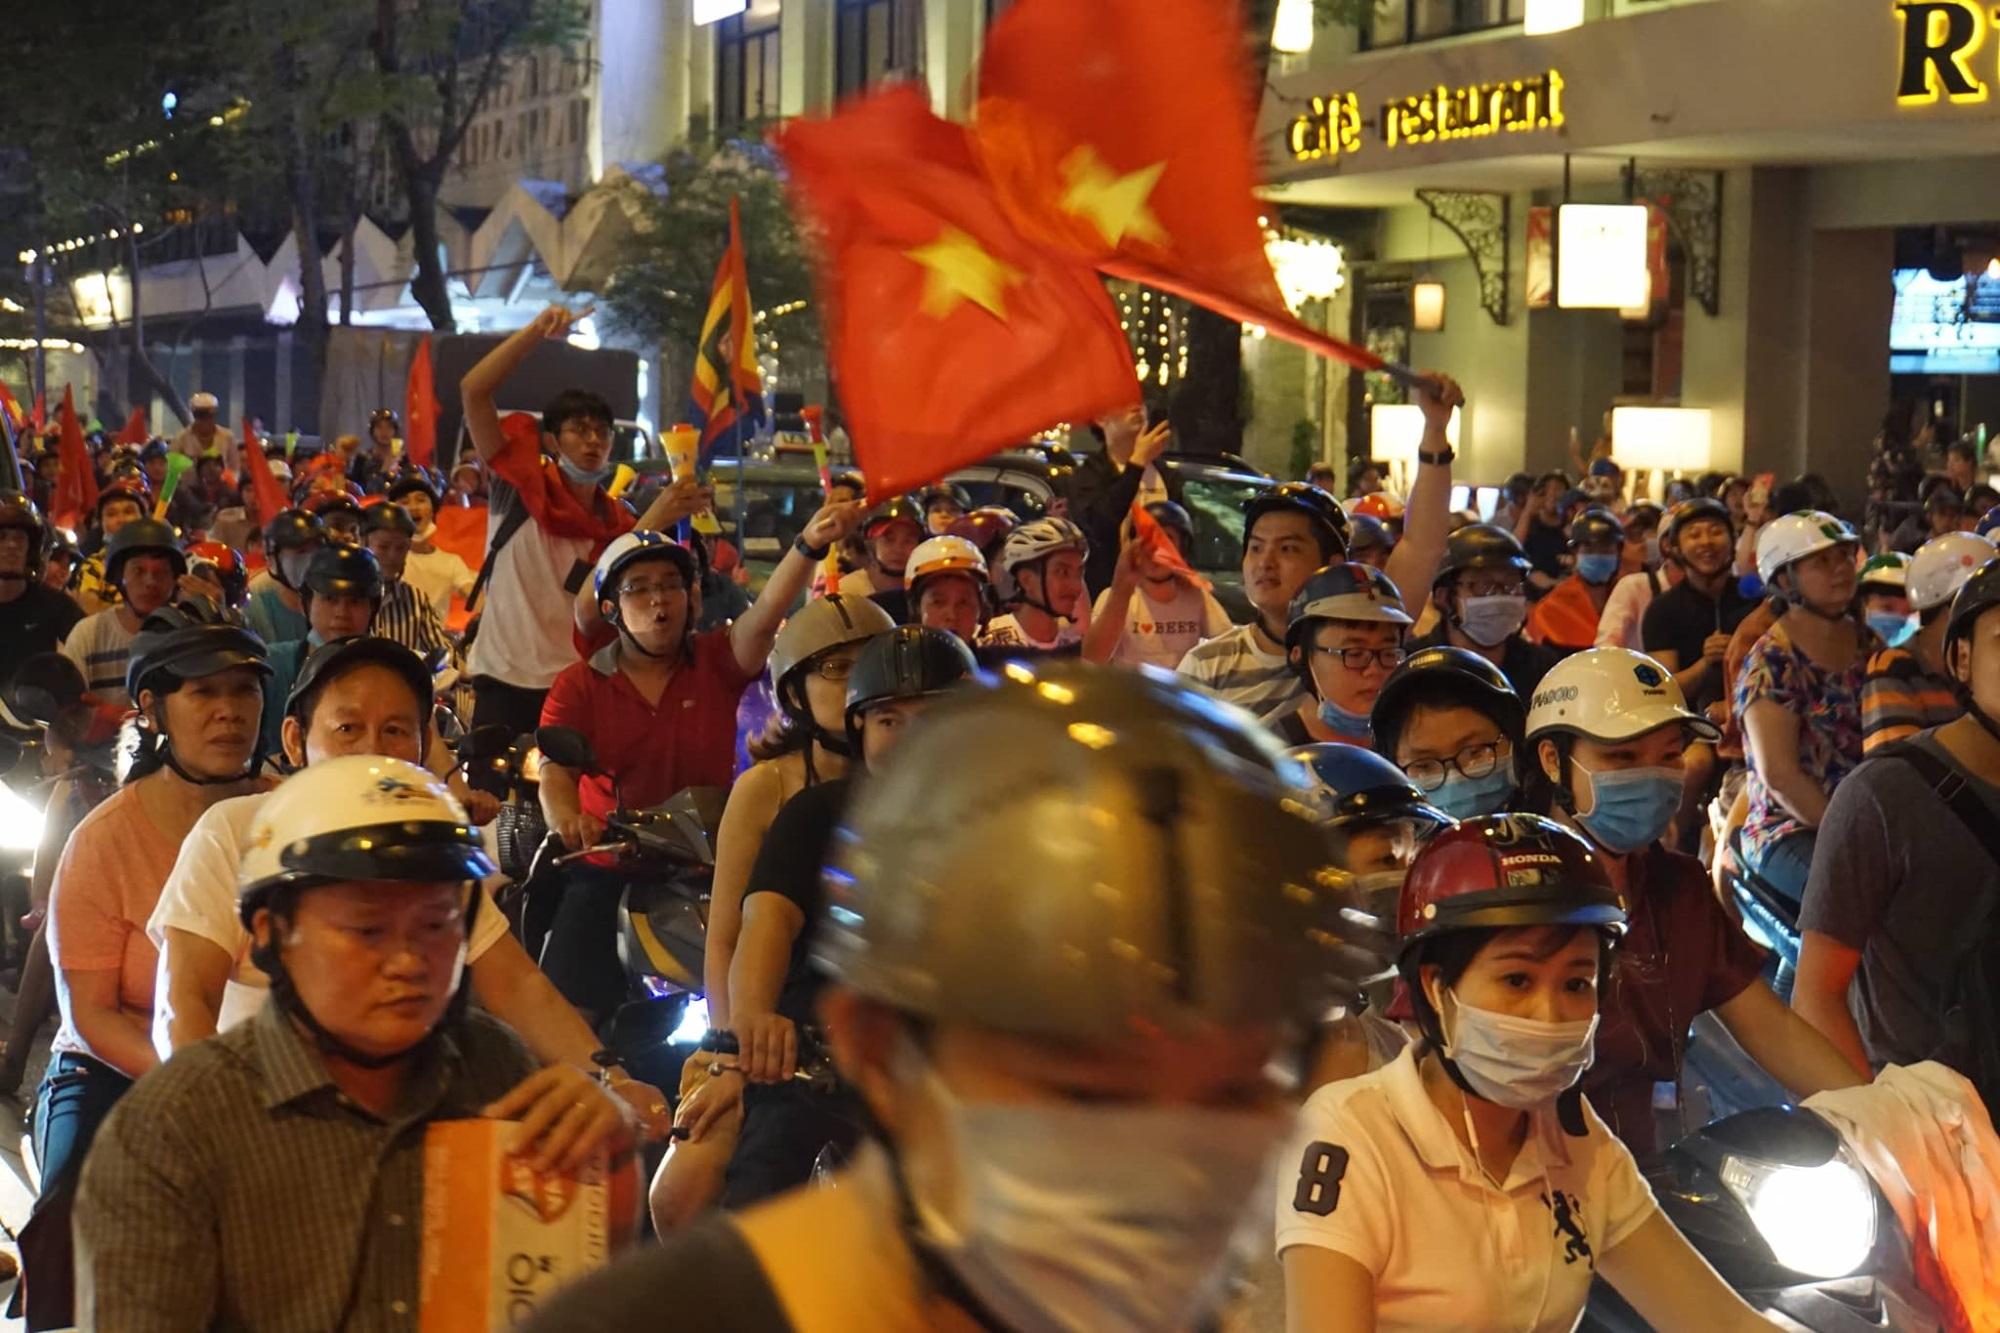 Pháo sáng, cờ hoa rực rỡ Sài Gòn khi triệu người xuống đường ăn mừng Việt Nam vào chung kết AFF Cup 2018 - Ảnh 10